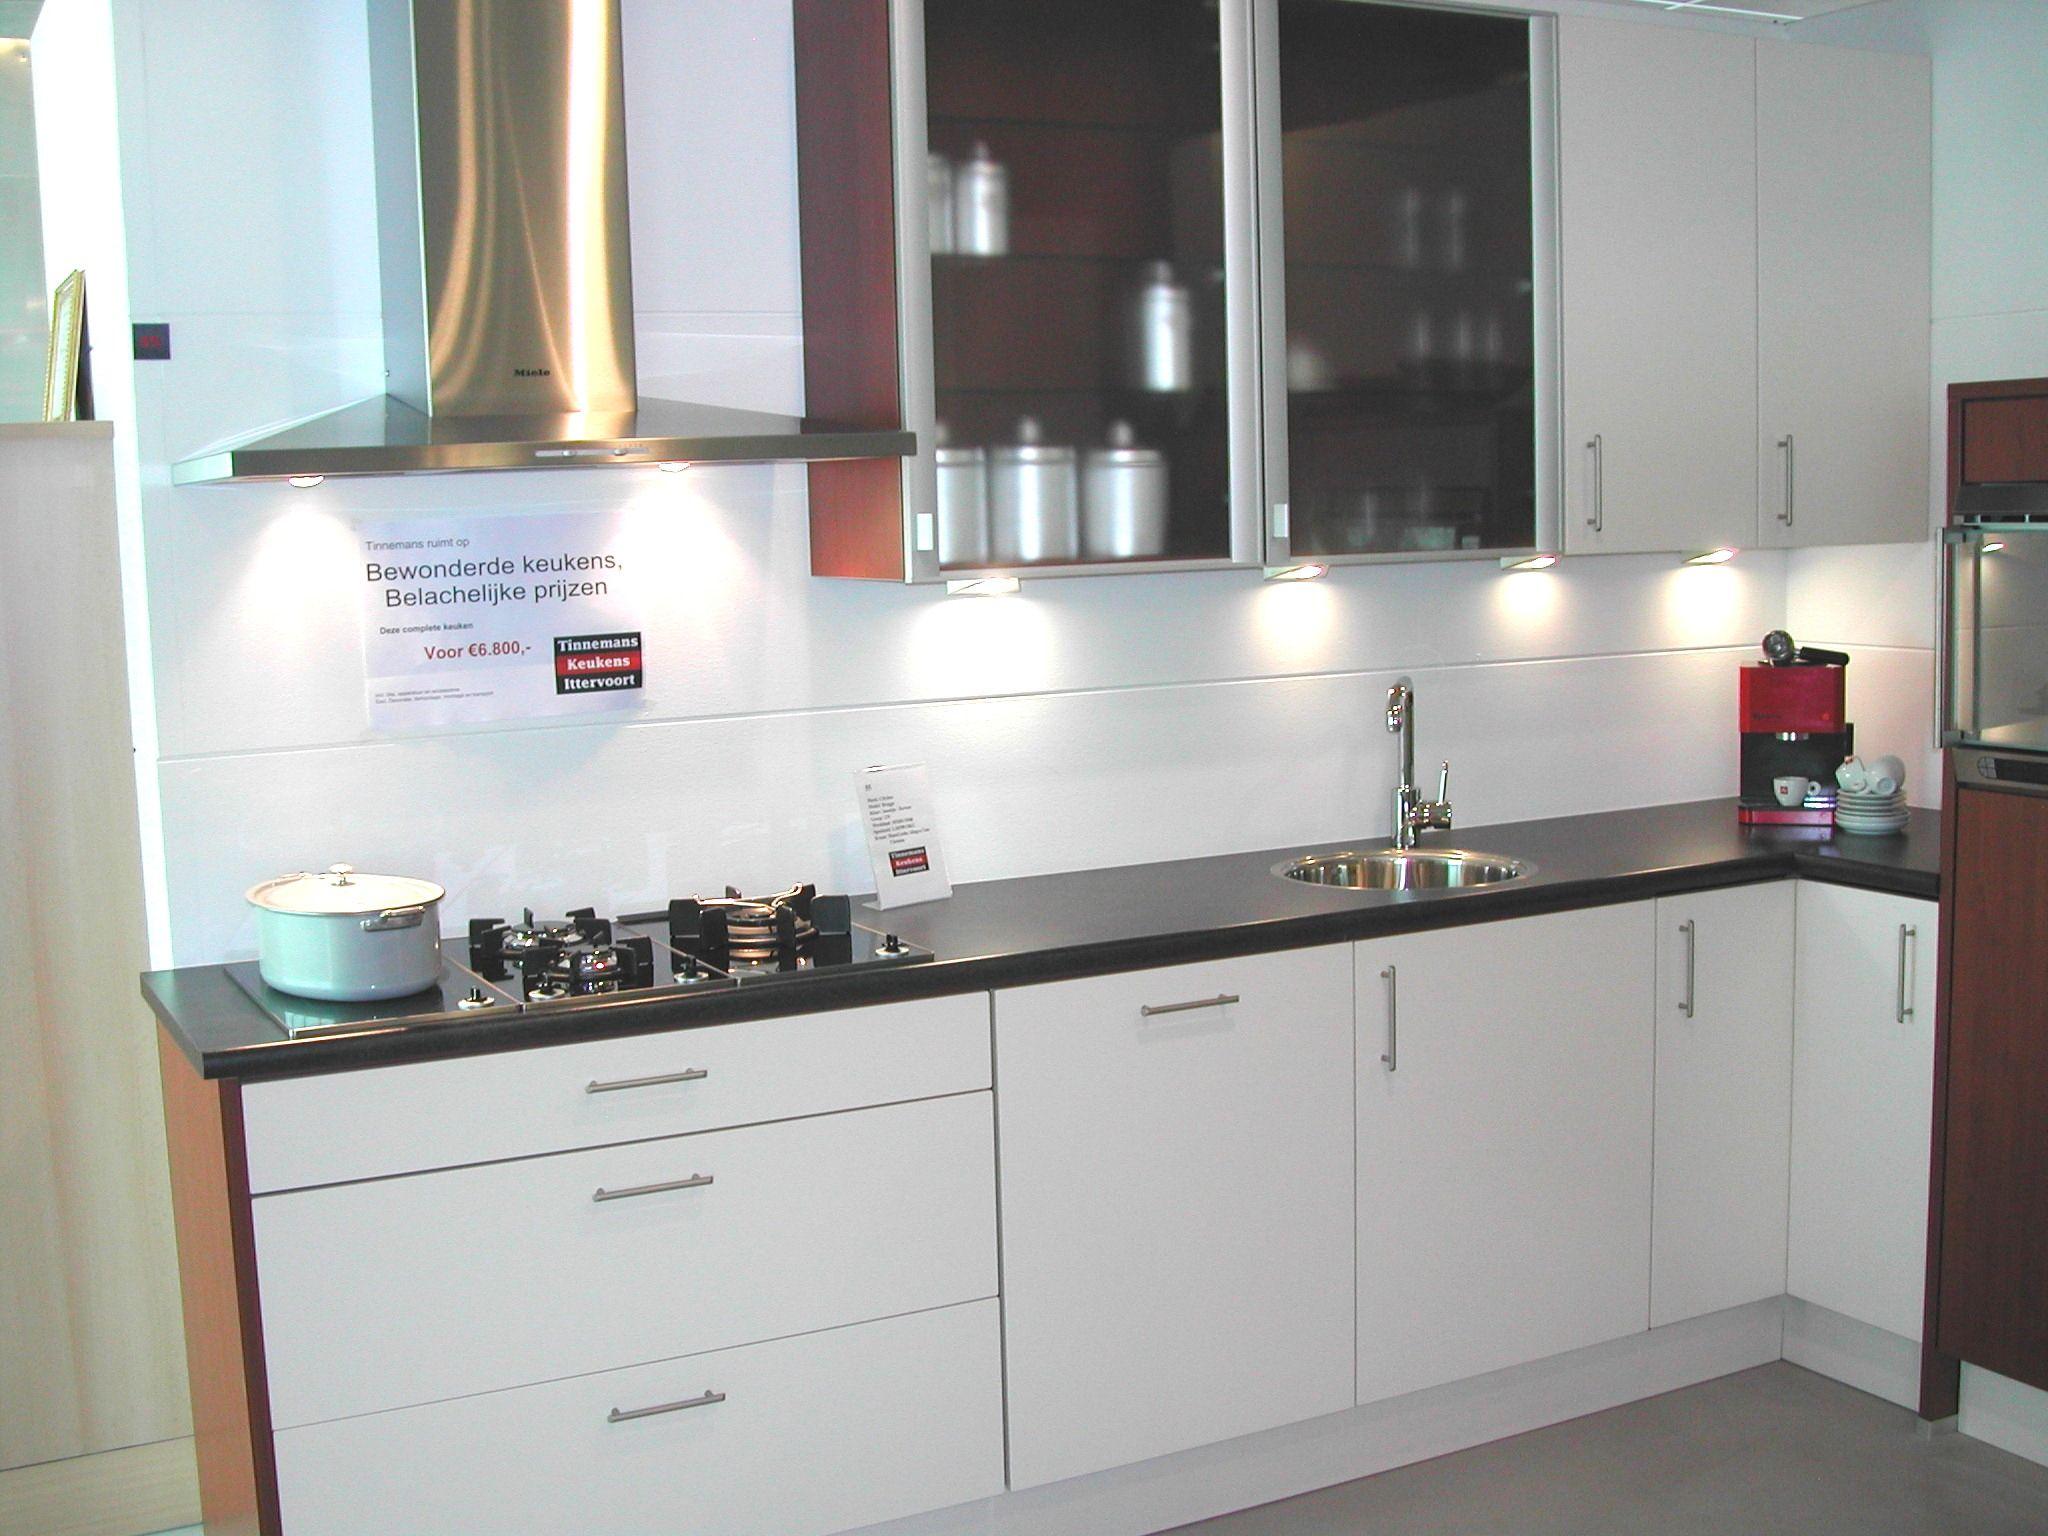 Showroomkeukens Alle Showroomkeuken Aanbiedingen Uit Nederland Keukens Voor Zeer Lage Keuken Prijzen Cityline Brugge 39348